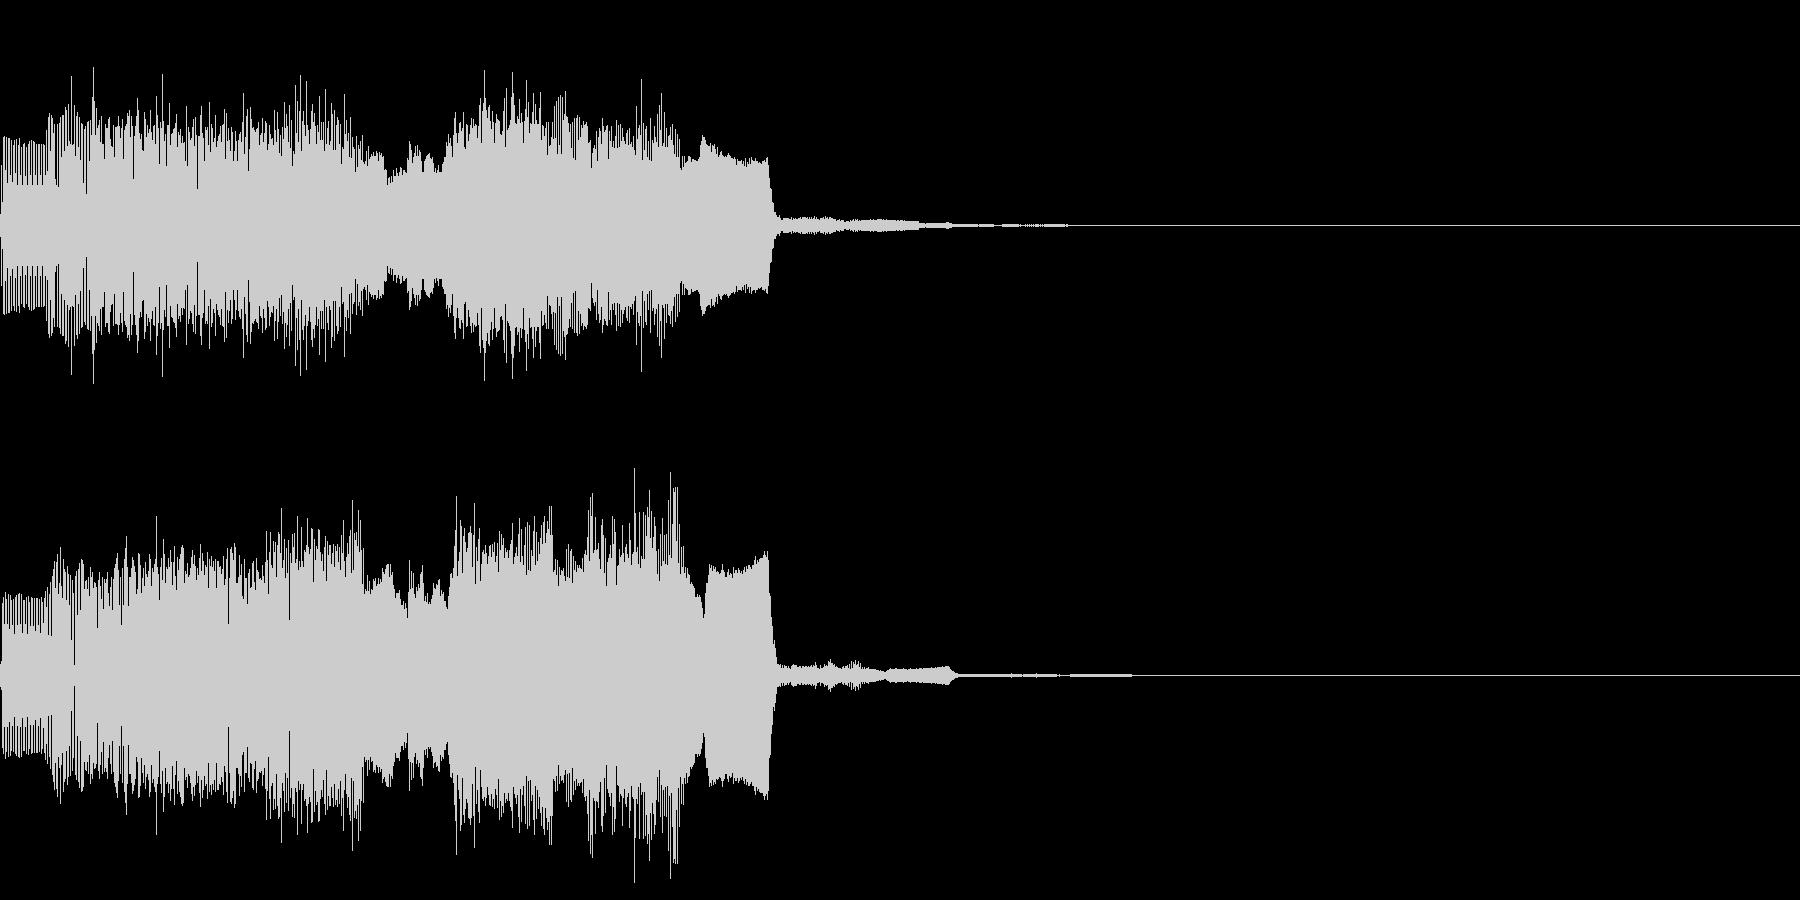 ファミコン風なパワーアップ時の効果音の未再生の波形